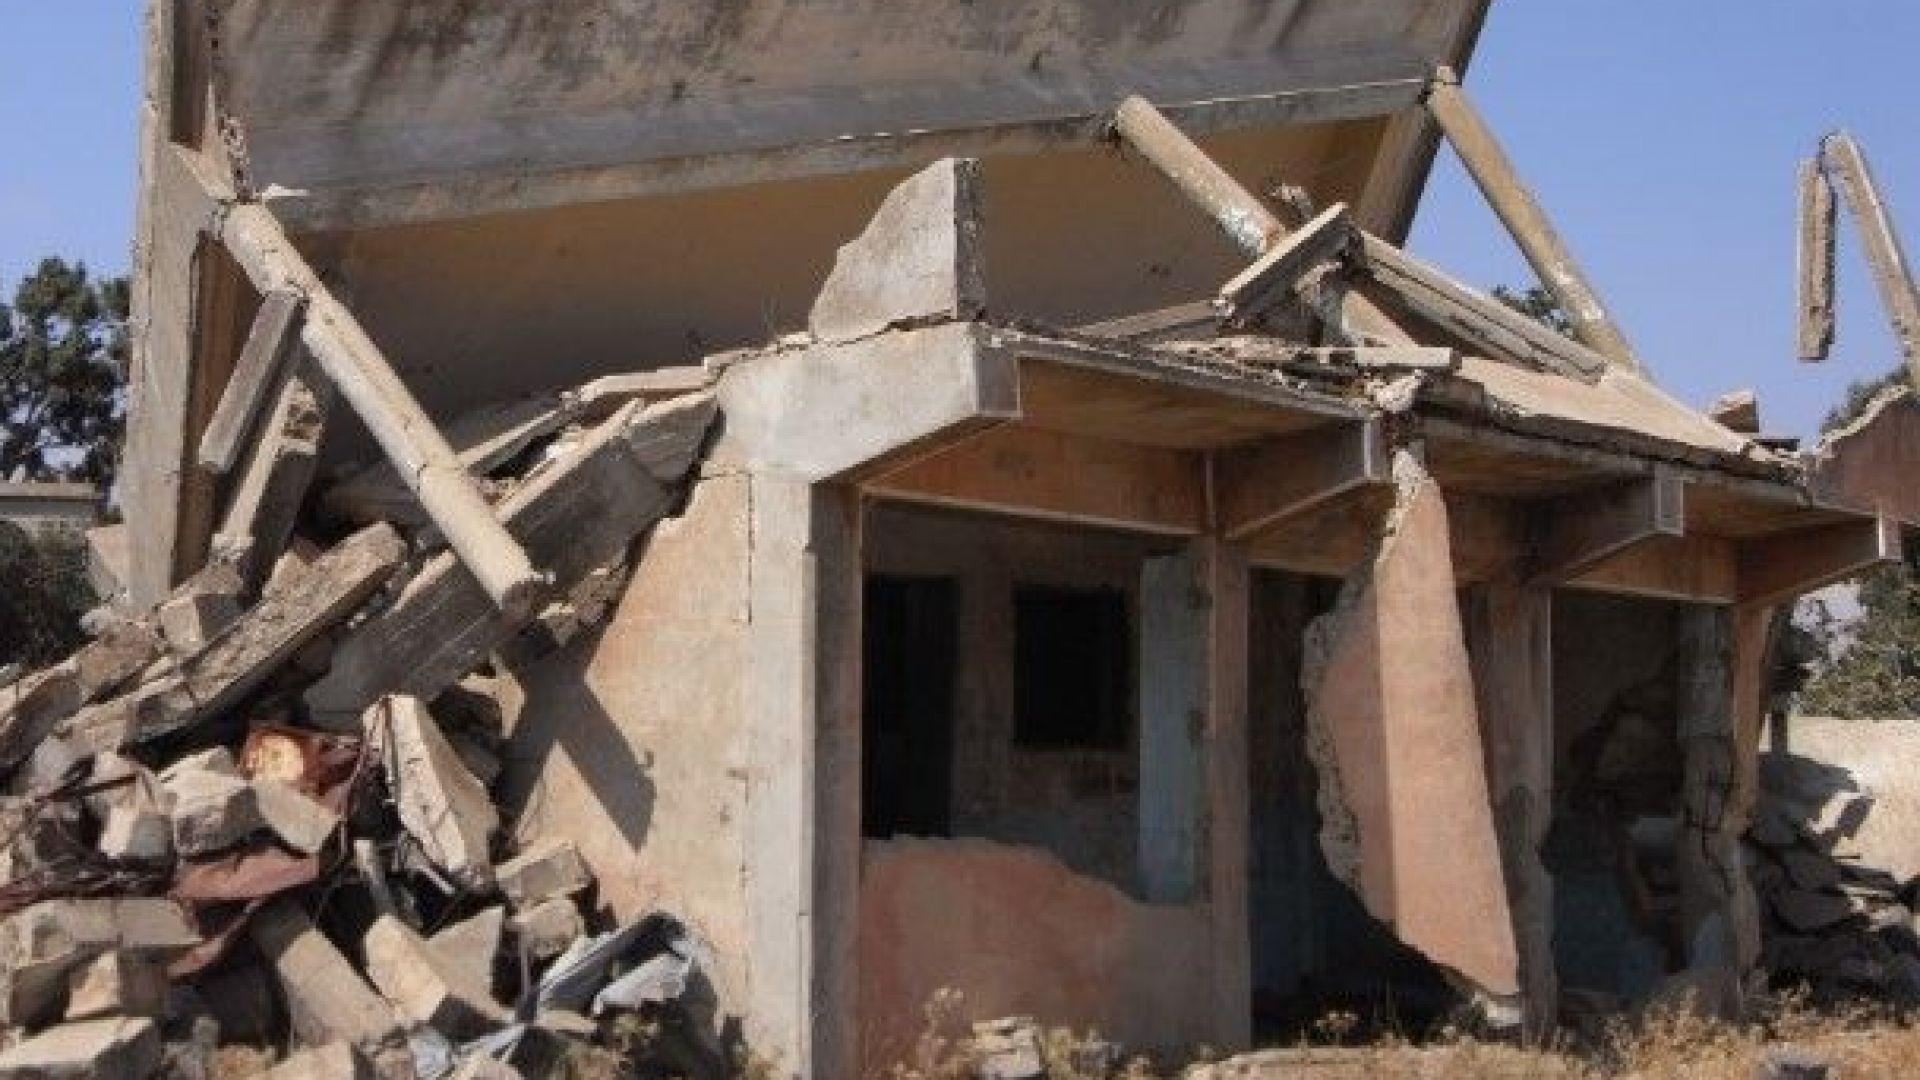 Няколко взрива са се чули в авиобазата край сирийската столица